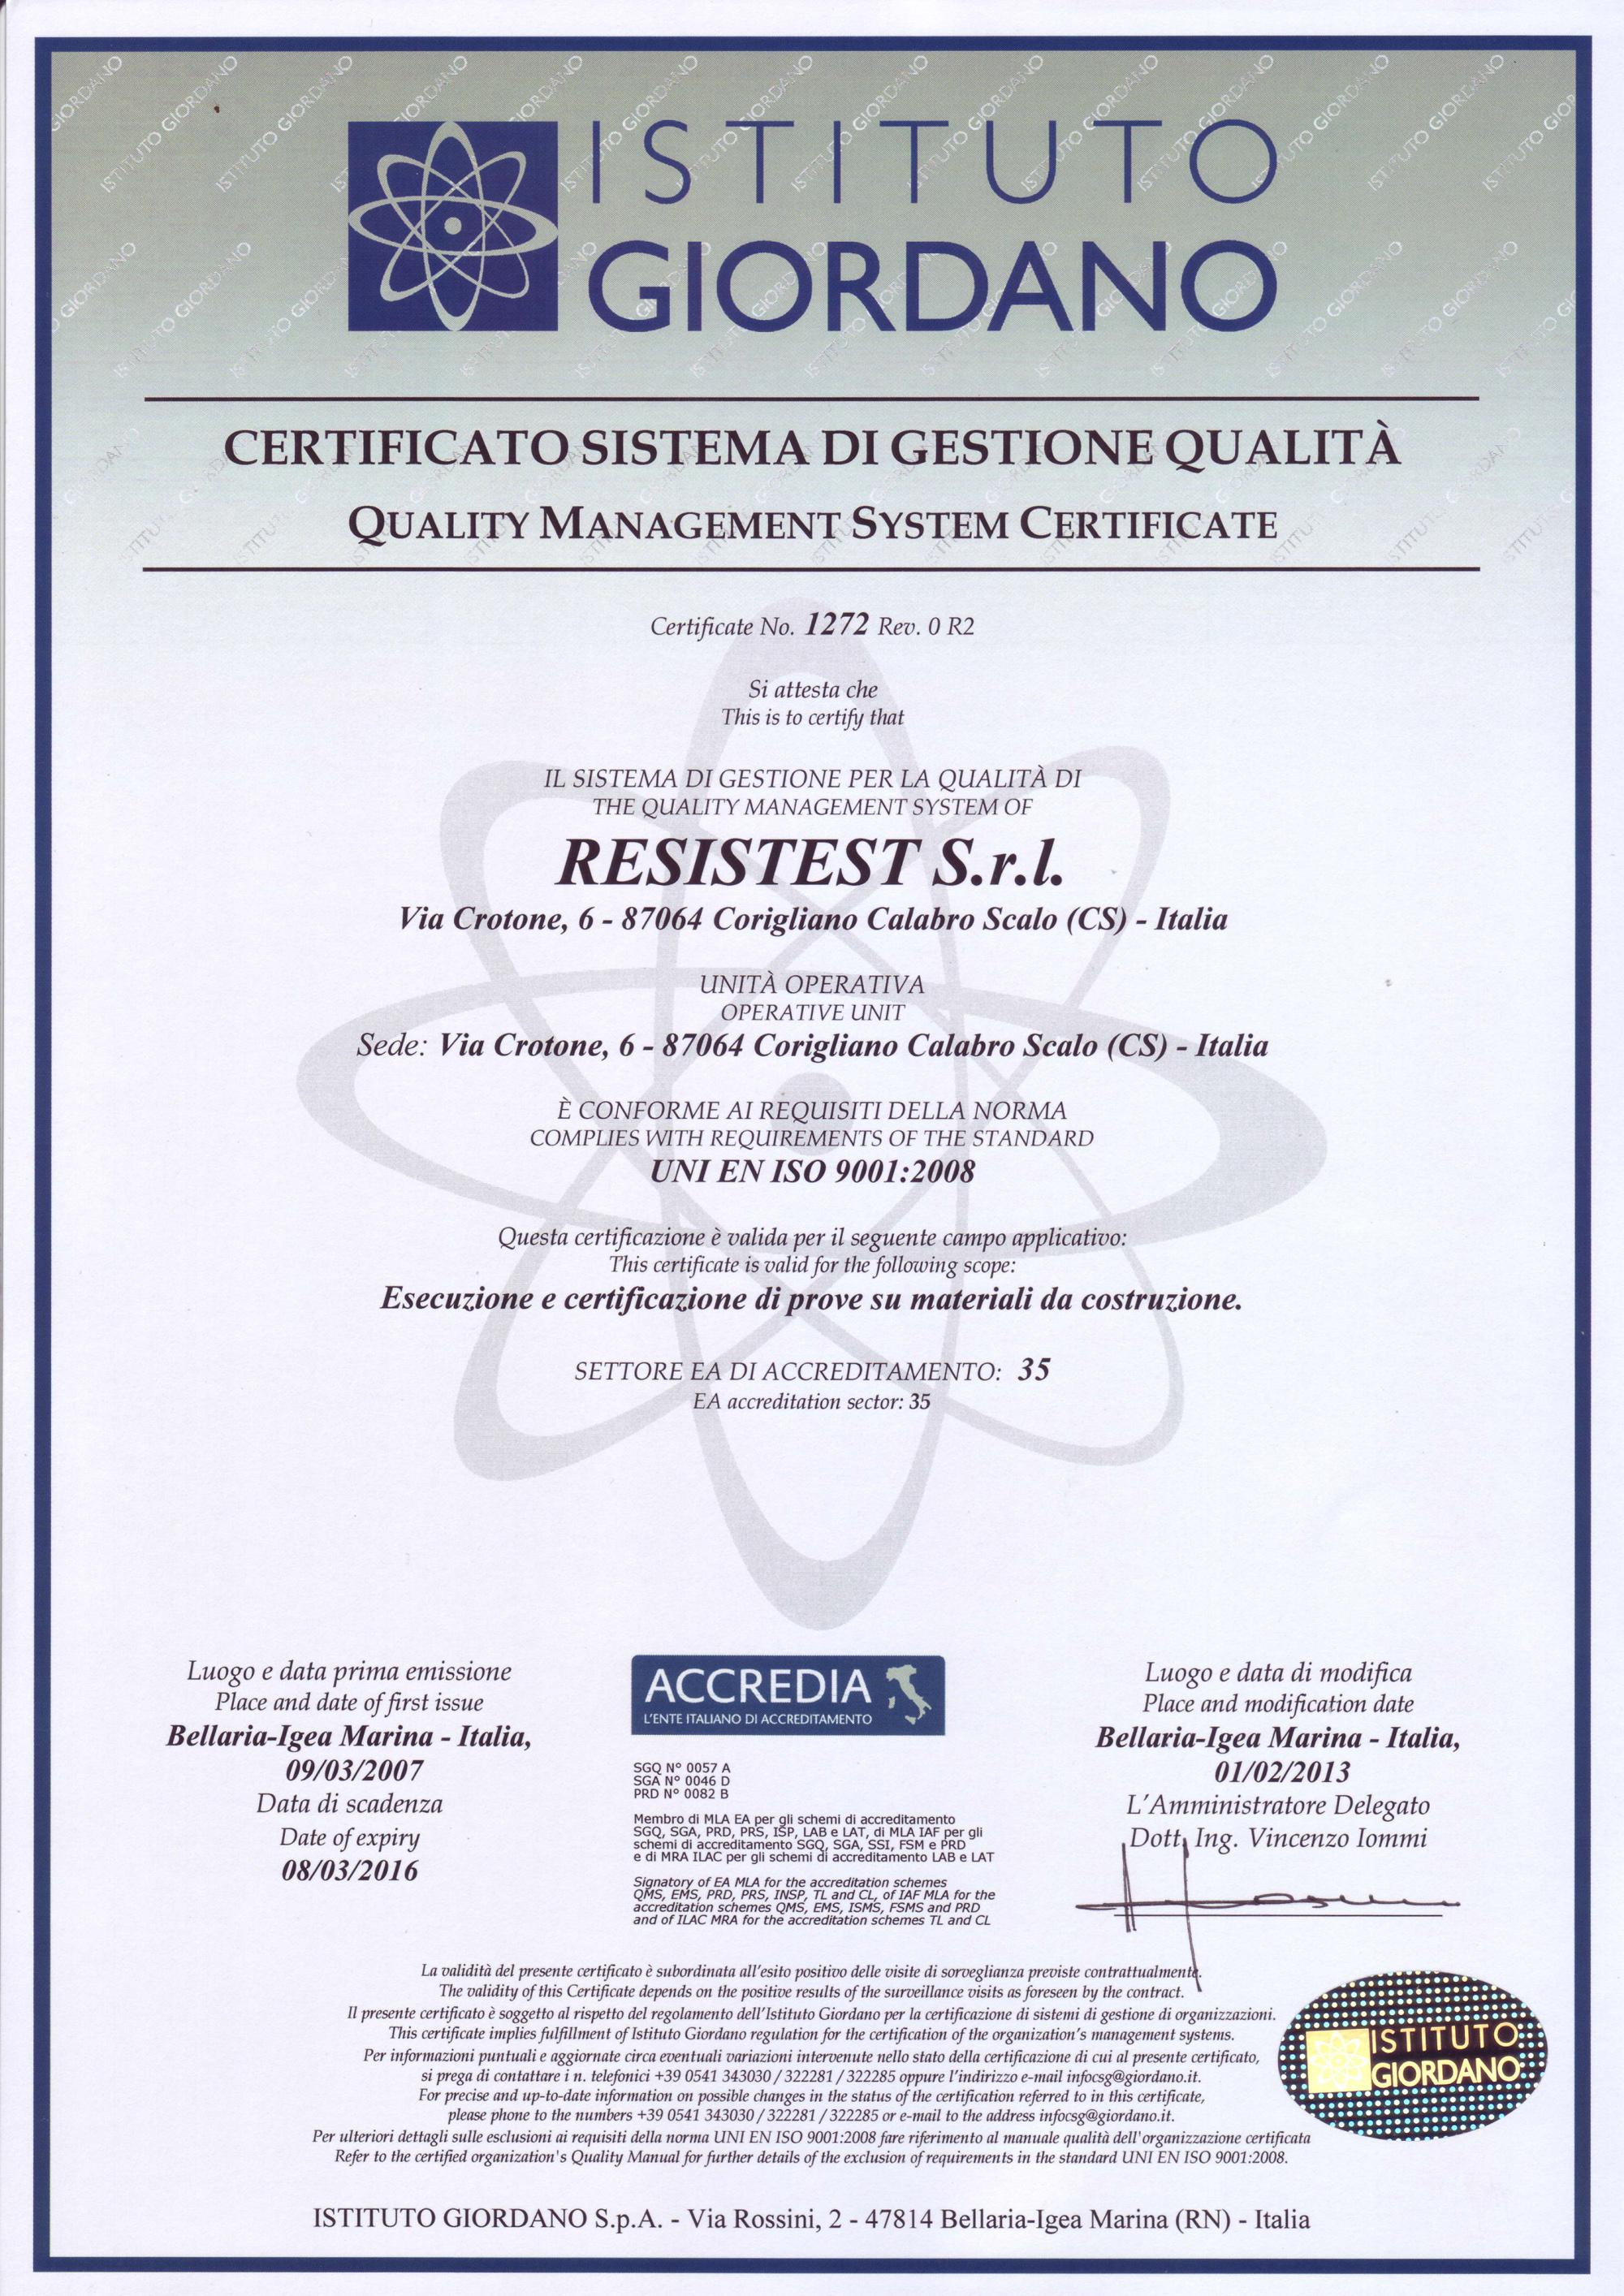 CertificatoQual